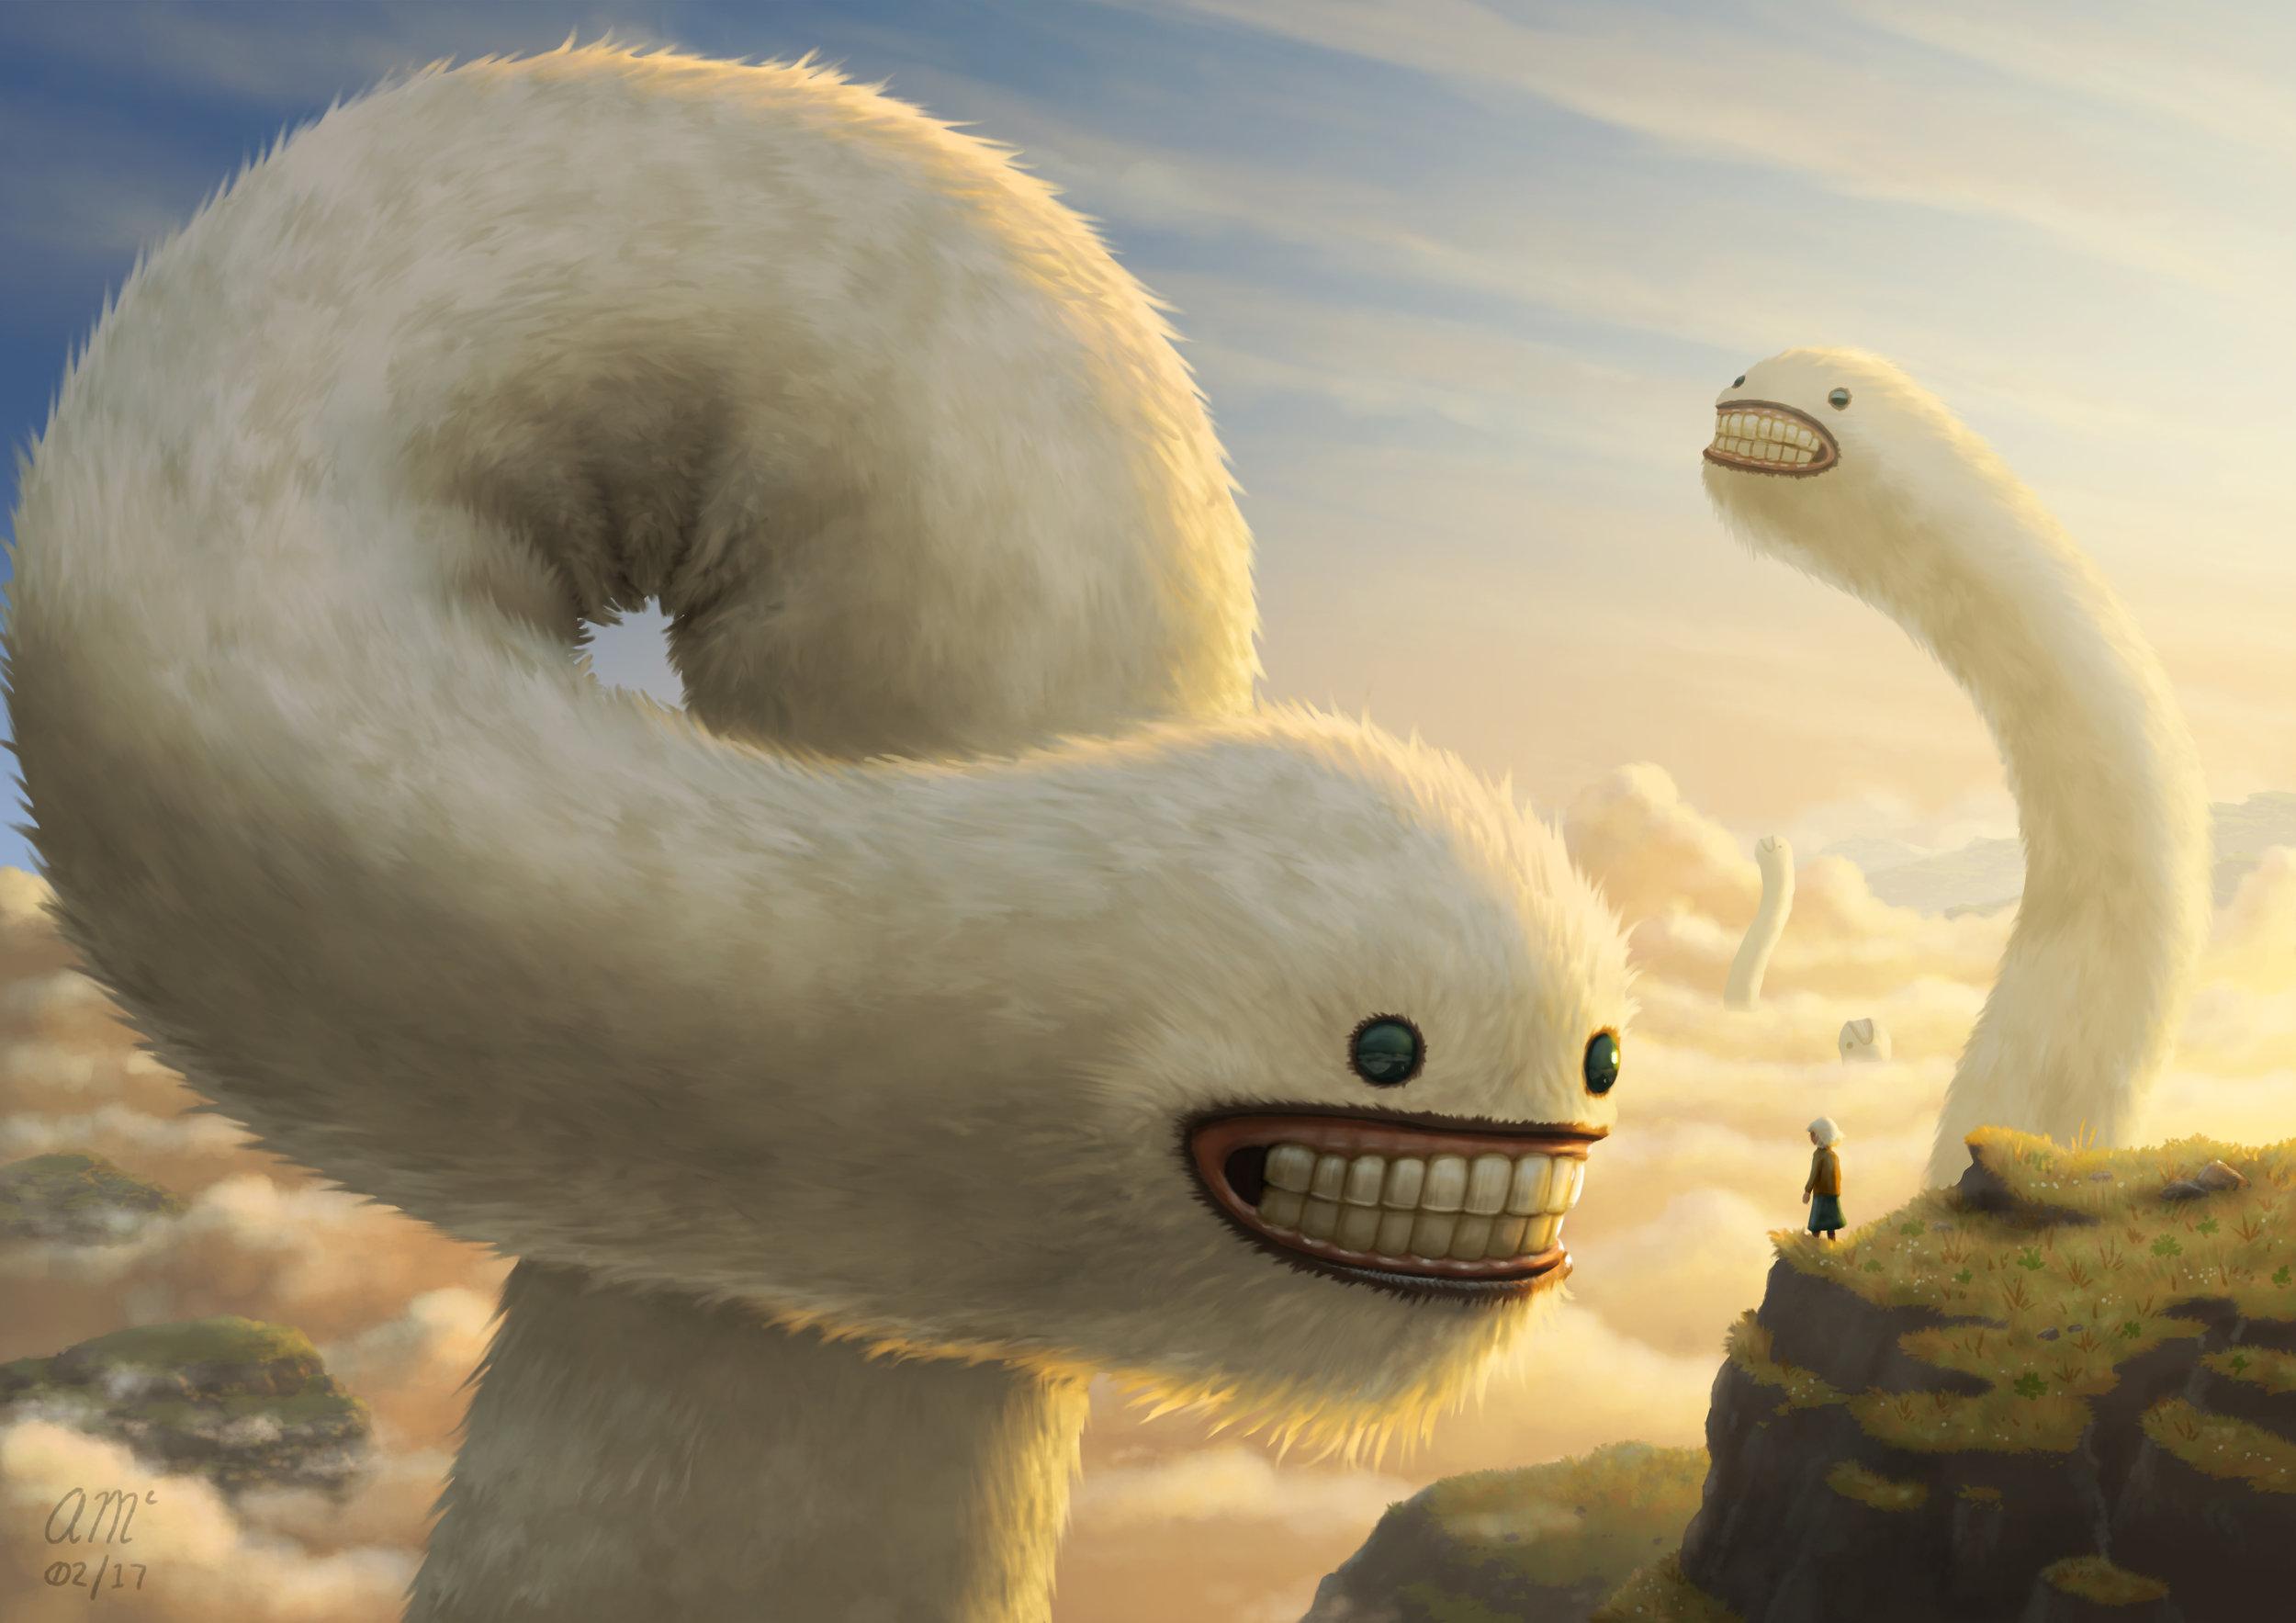 1078-fuzzy-cloud-worms-andrew-mcintosh